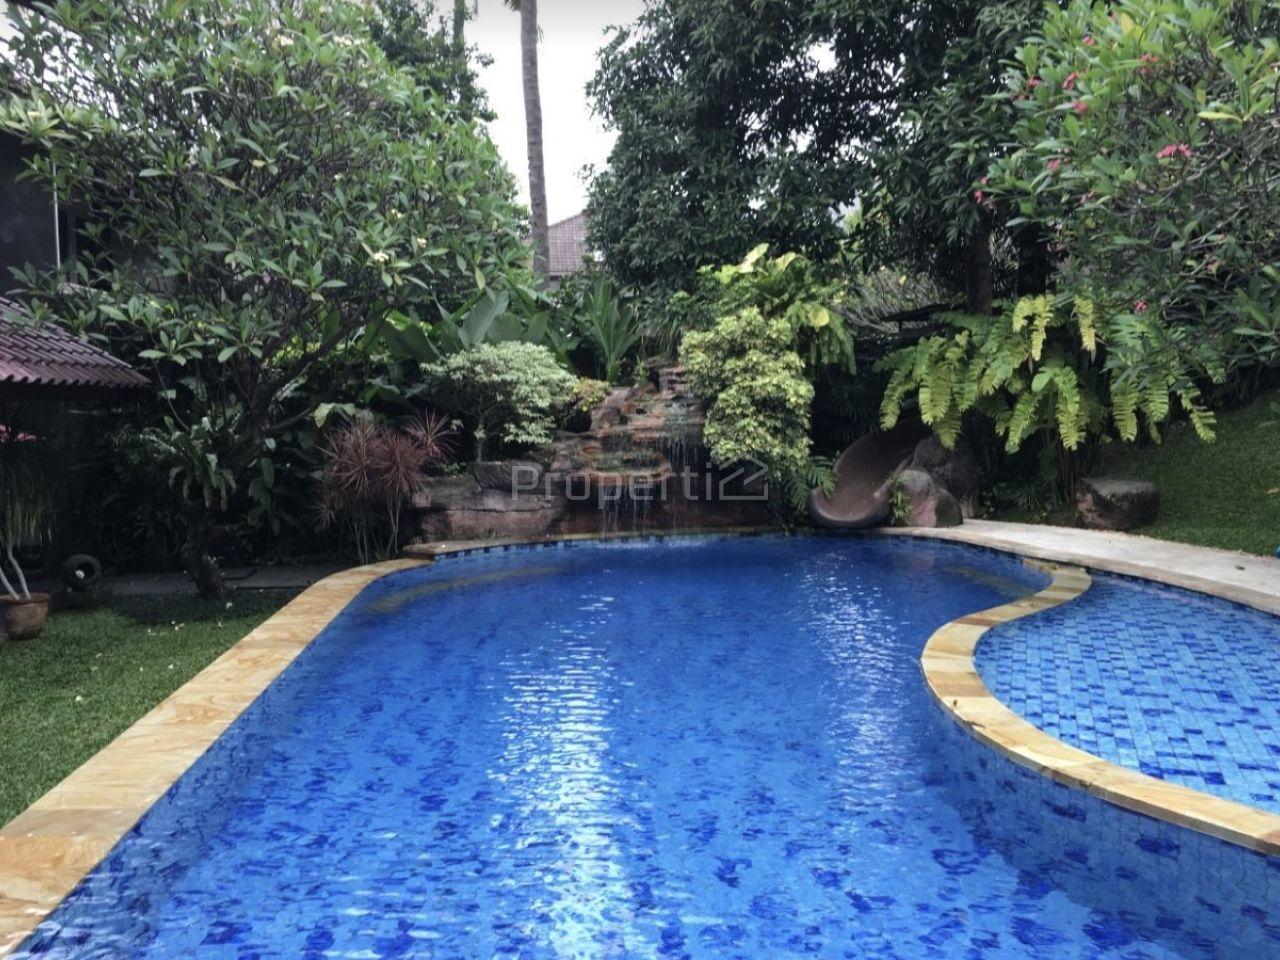 Luxury House in Complex in Cipete, Jakarta Selatan